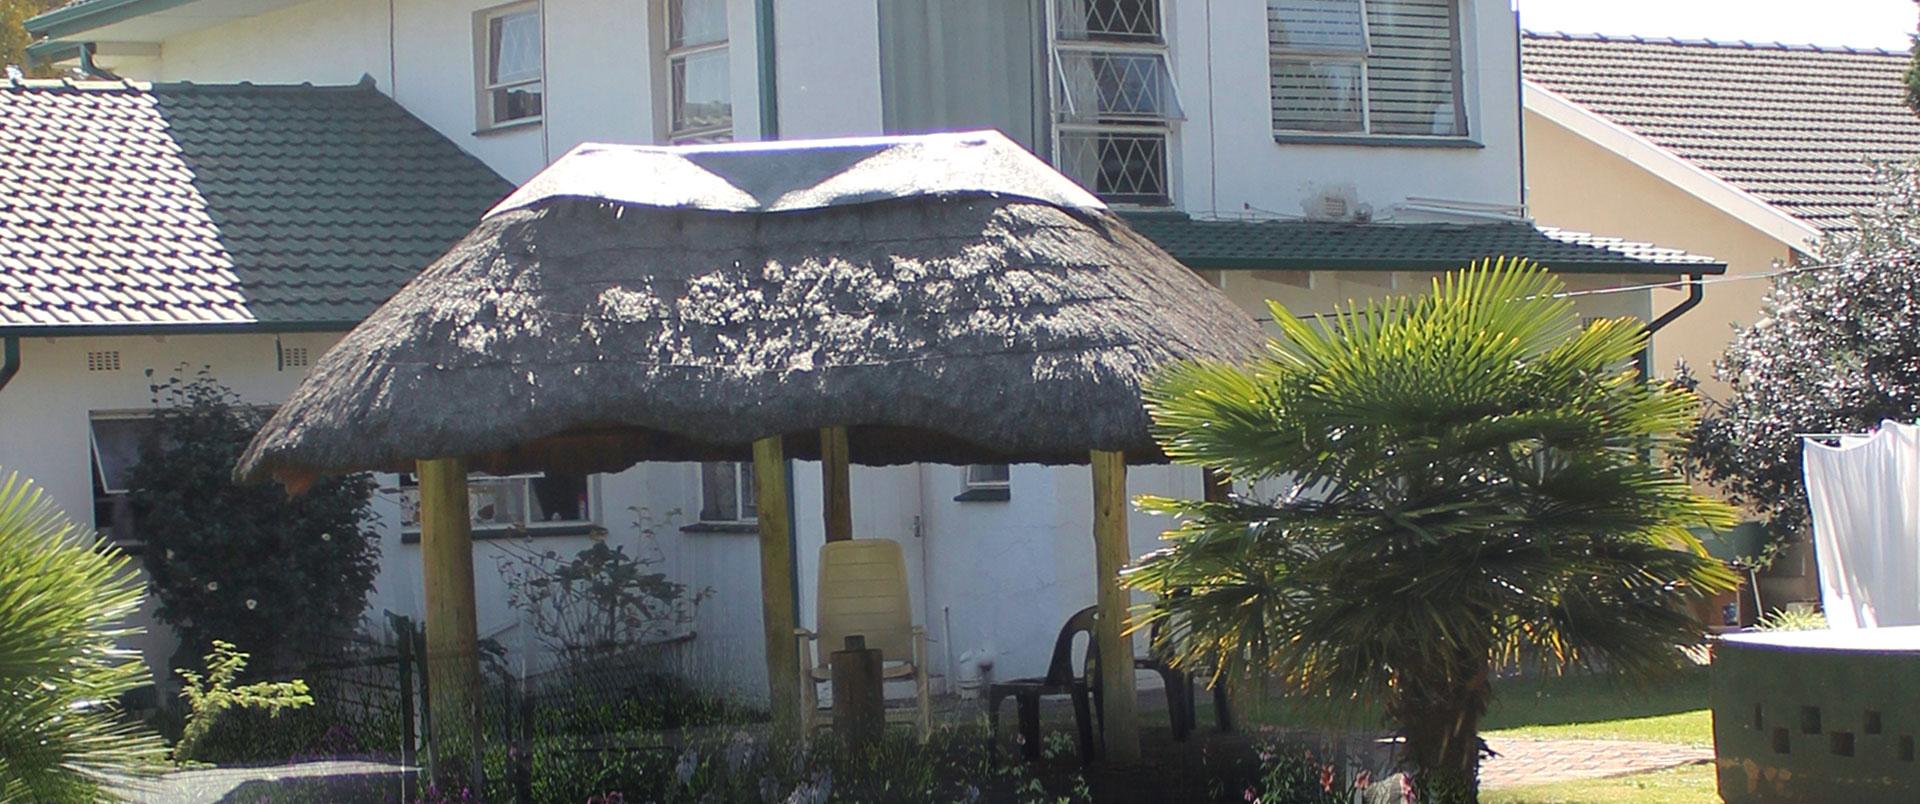 Howard Square Guest House Els Park, Germiston